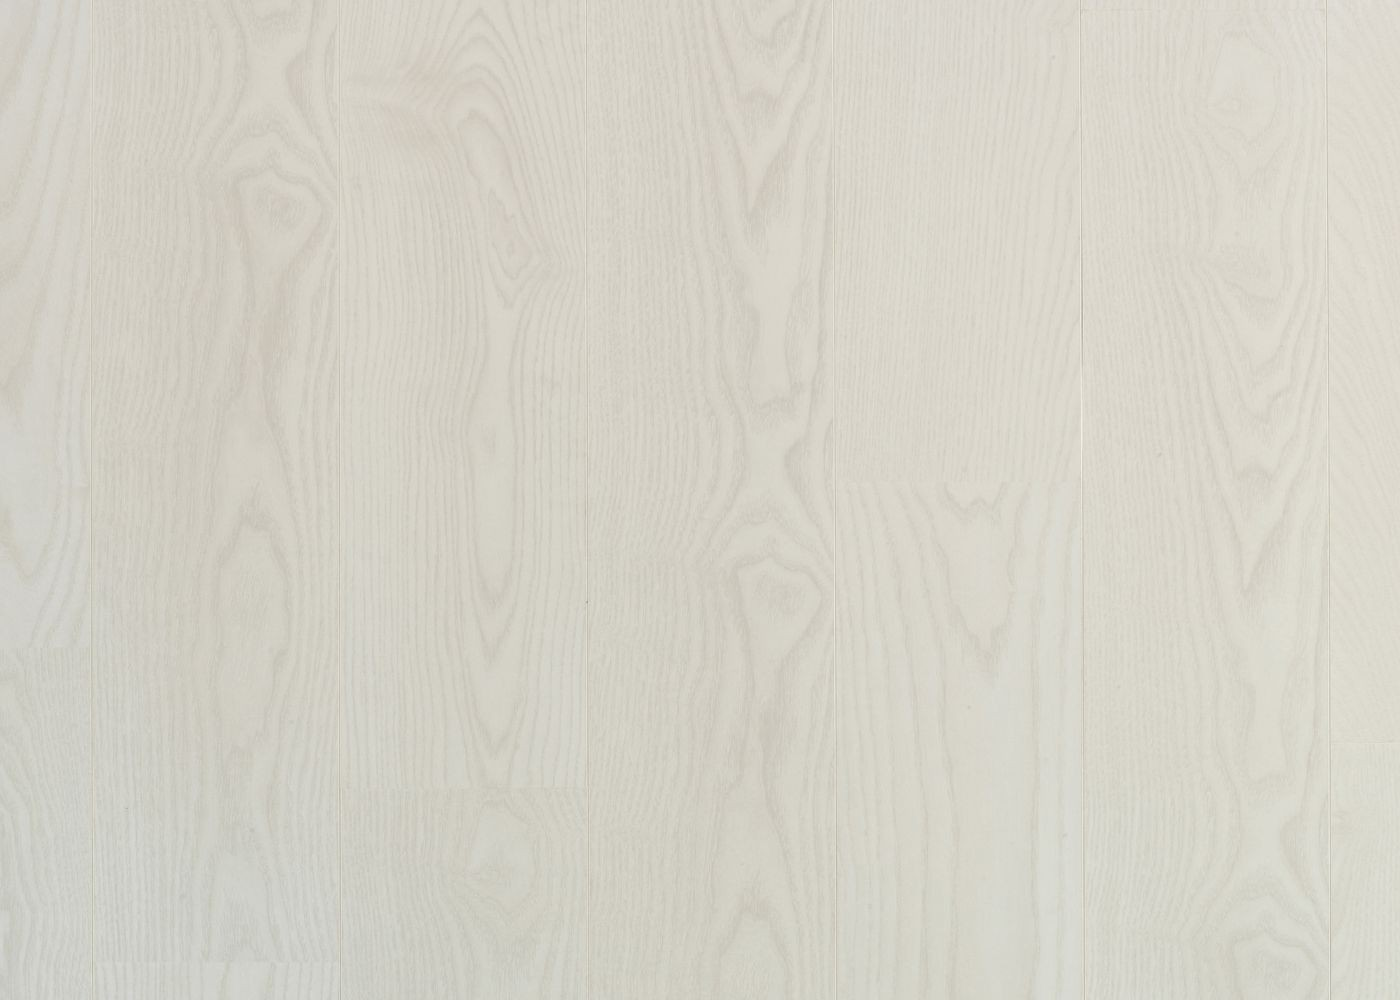 Sol stratifié Naturals décor Chêne Chocolat Blanc - PEFC